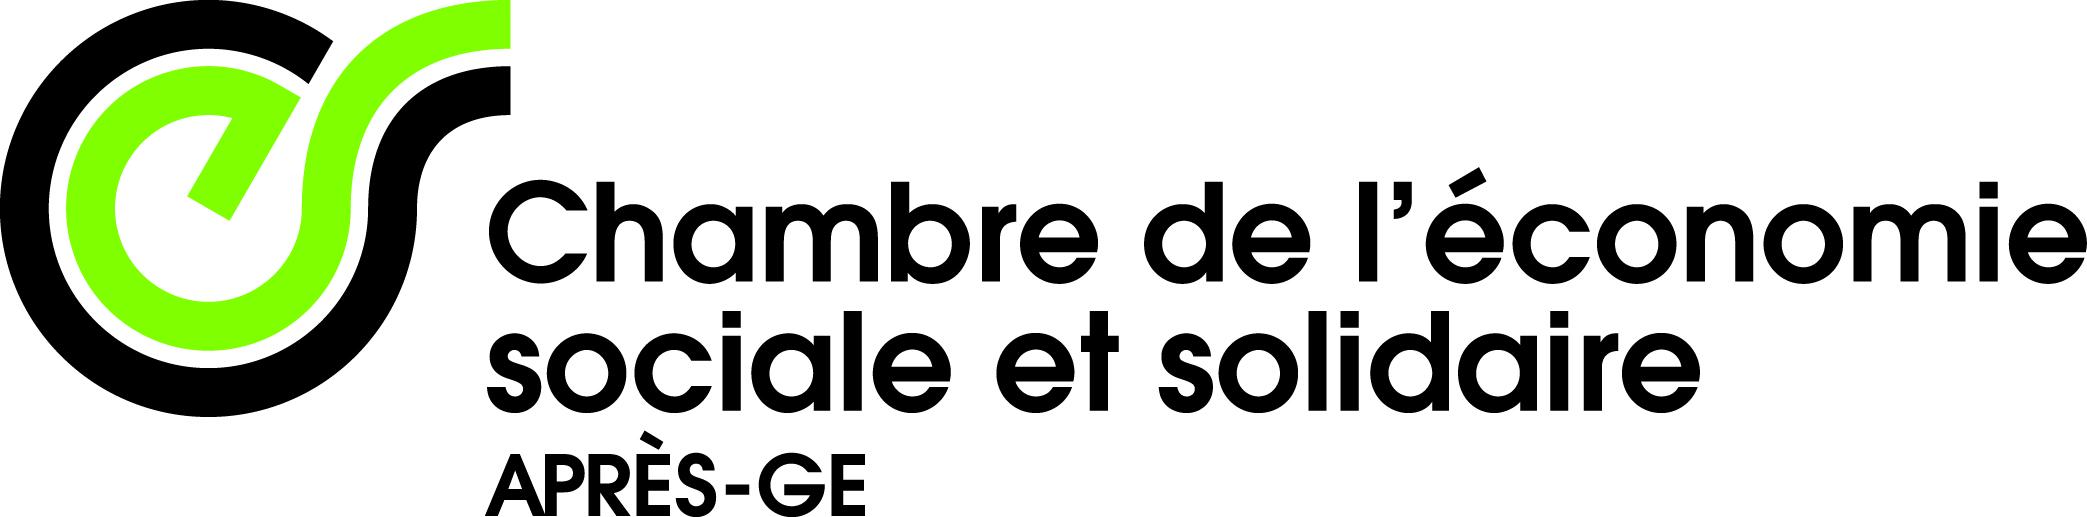 Logo APRES-GE-376C_quadri.jpg